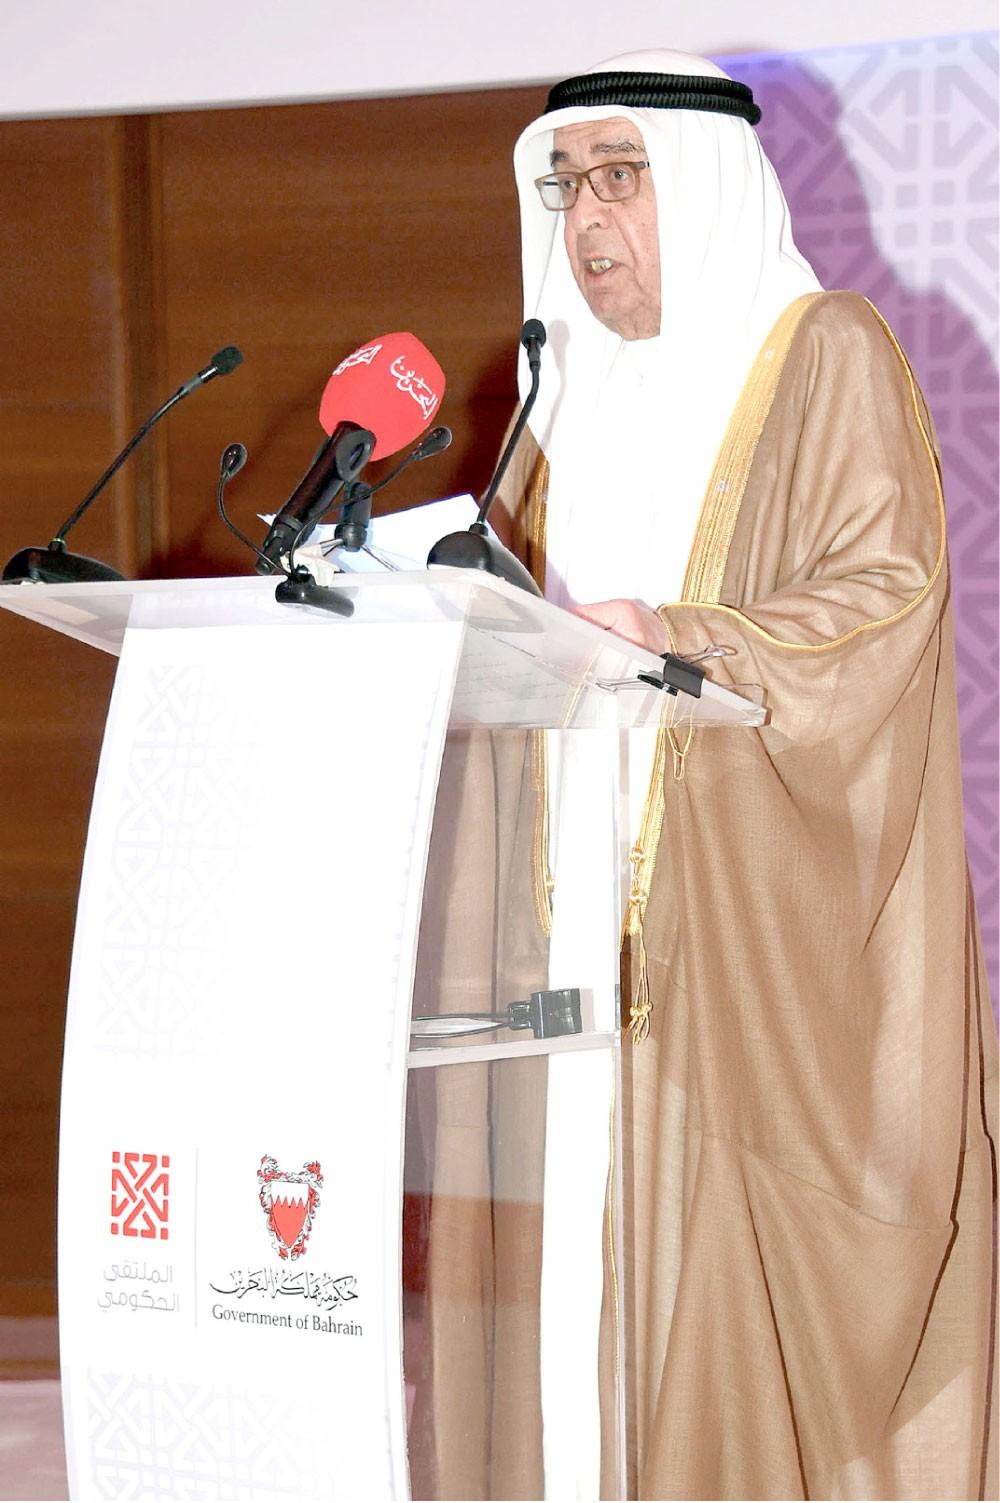 محمد بن مبارك:  عملية النمو تستدعي استيعاب متطلبات التطوير واستمرار العطاء